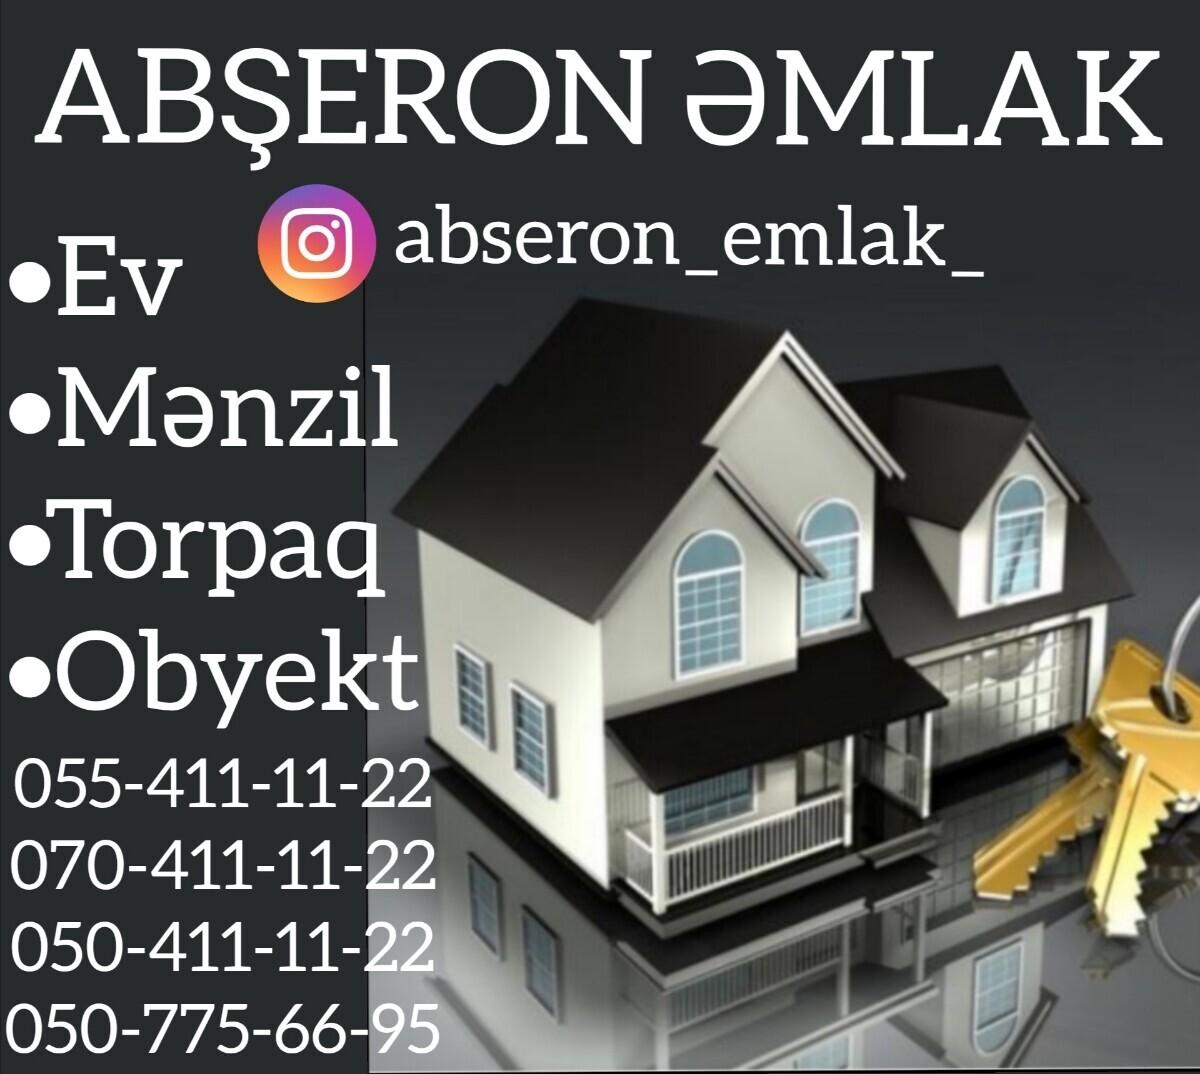 ABSERON  EMLAK - şirkətin Biznes profili lalafo.az-da | Azərbaycan